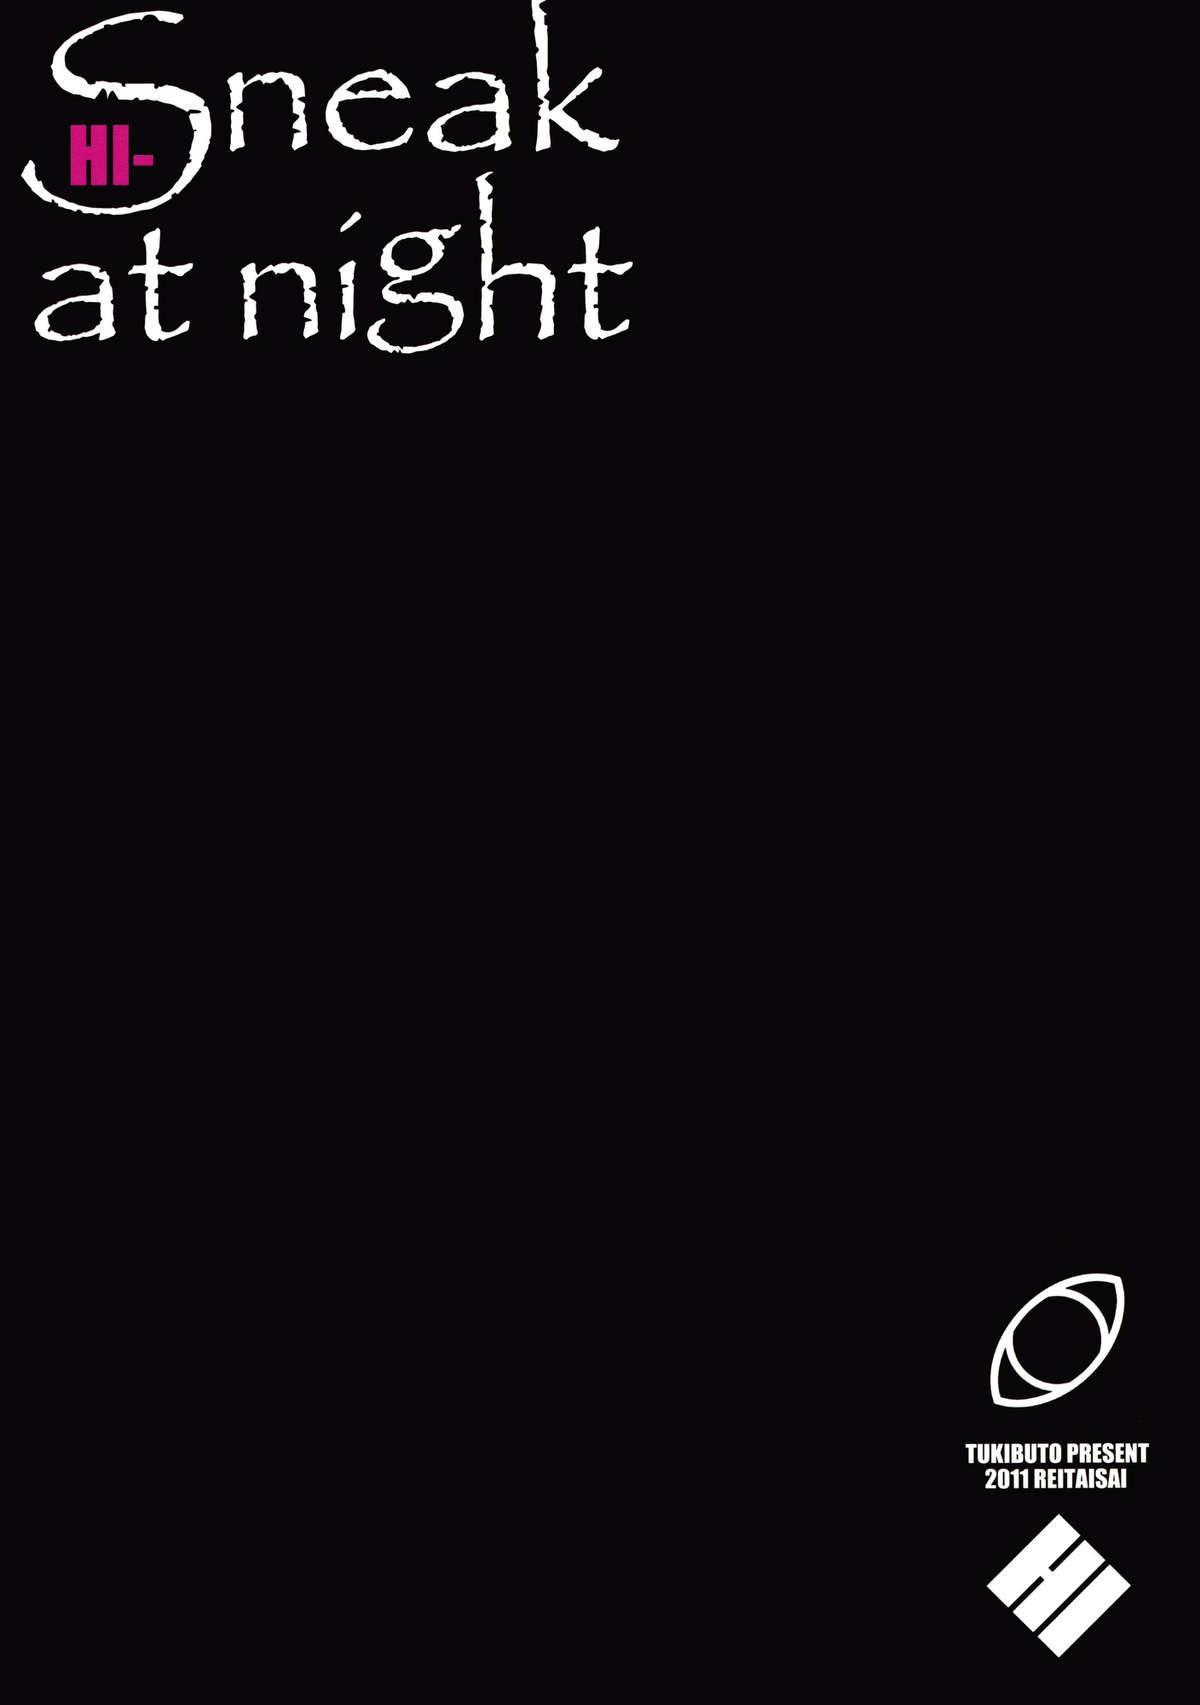 HI-Sneak at night 17